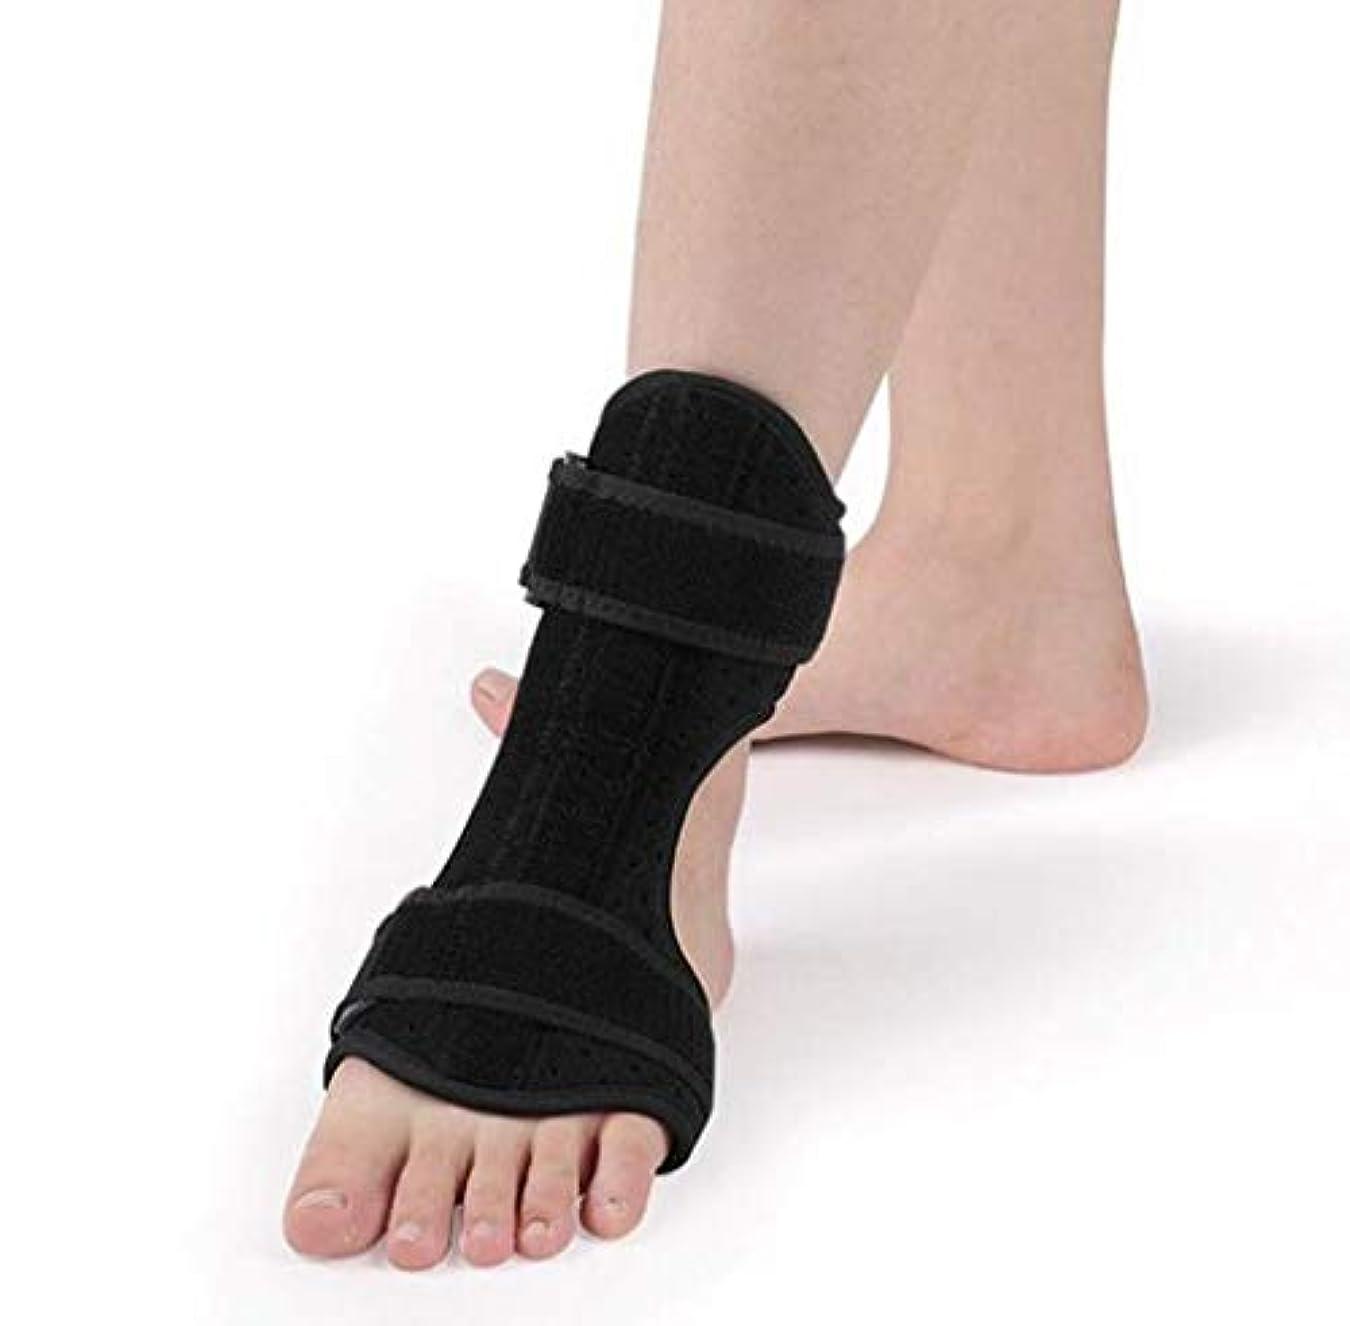 無し運ぶ退屈ドロップフットスプリントのサポート-装具足首フットブレーススタビライザー-軽量の足首フットブレース